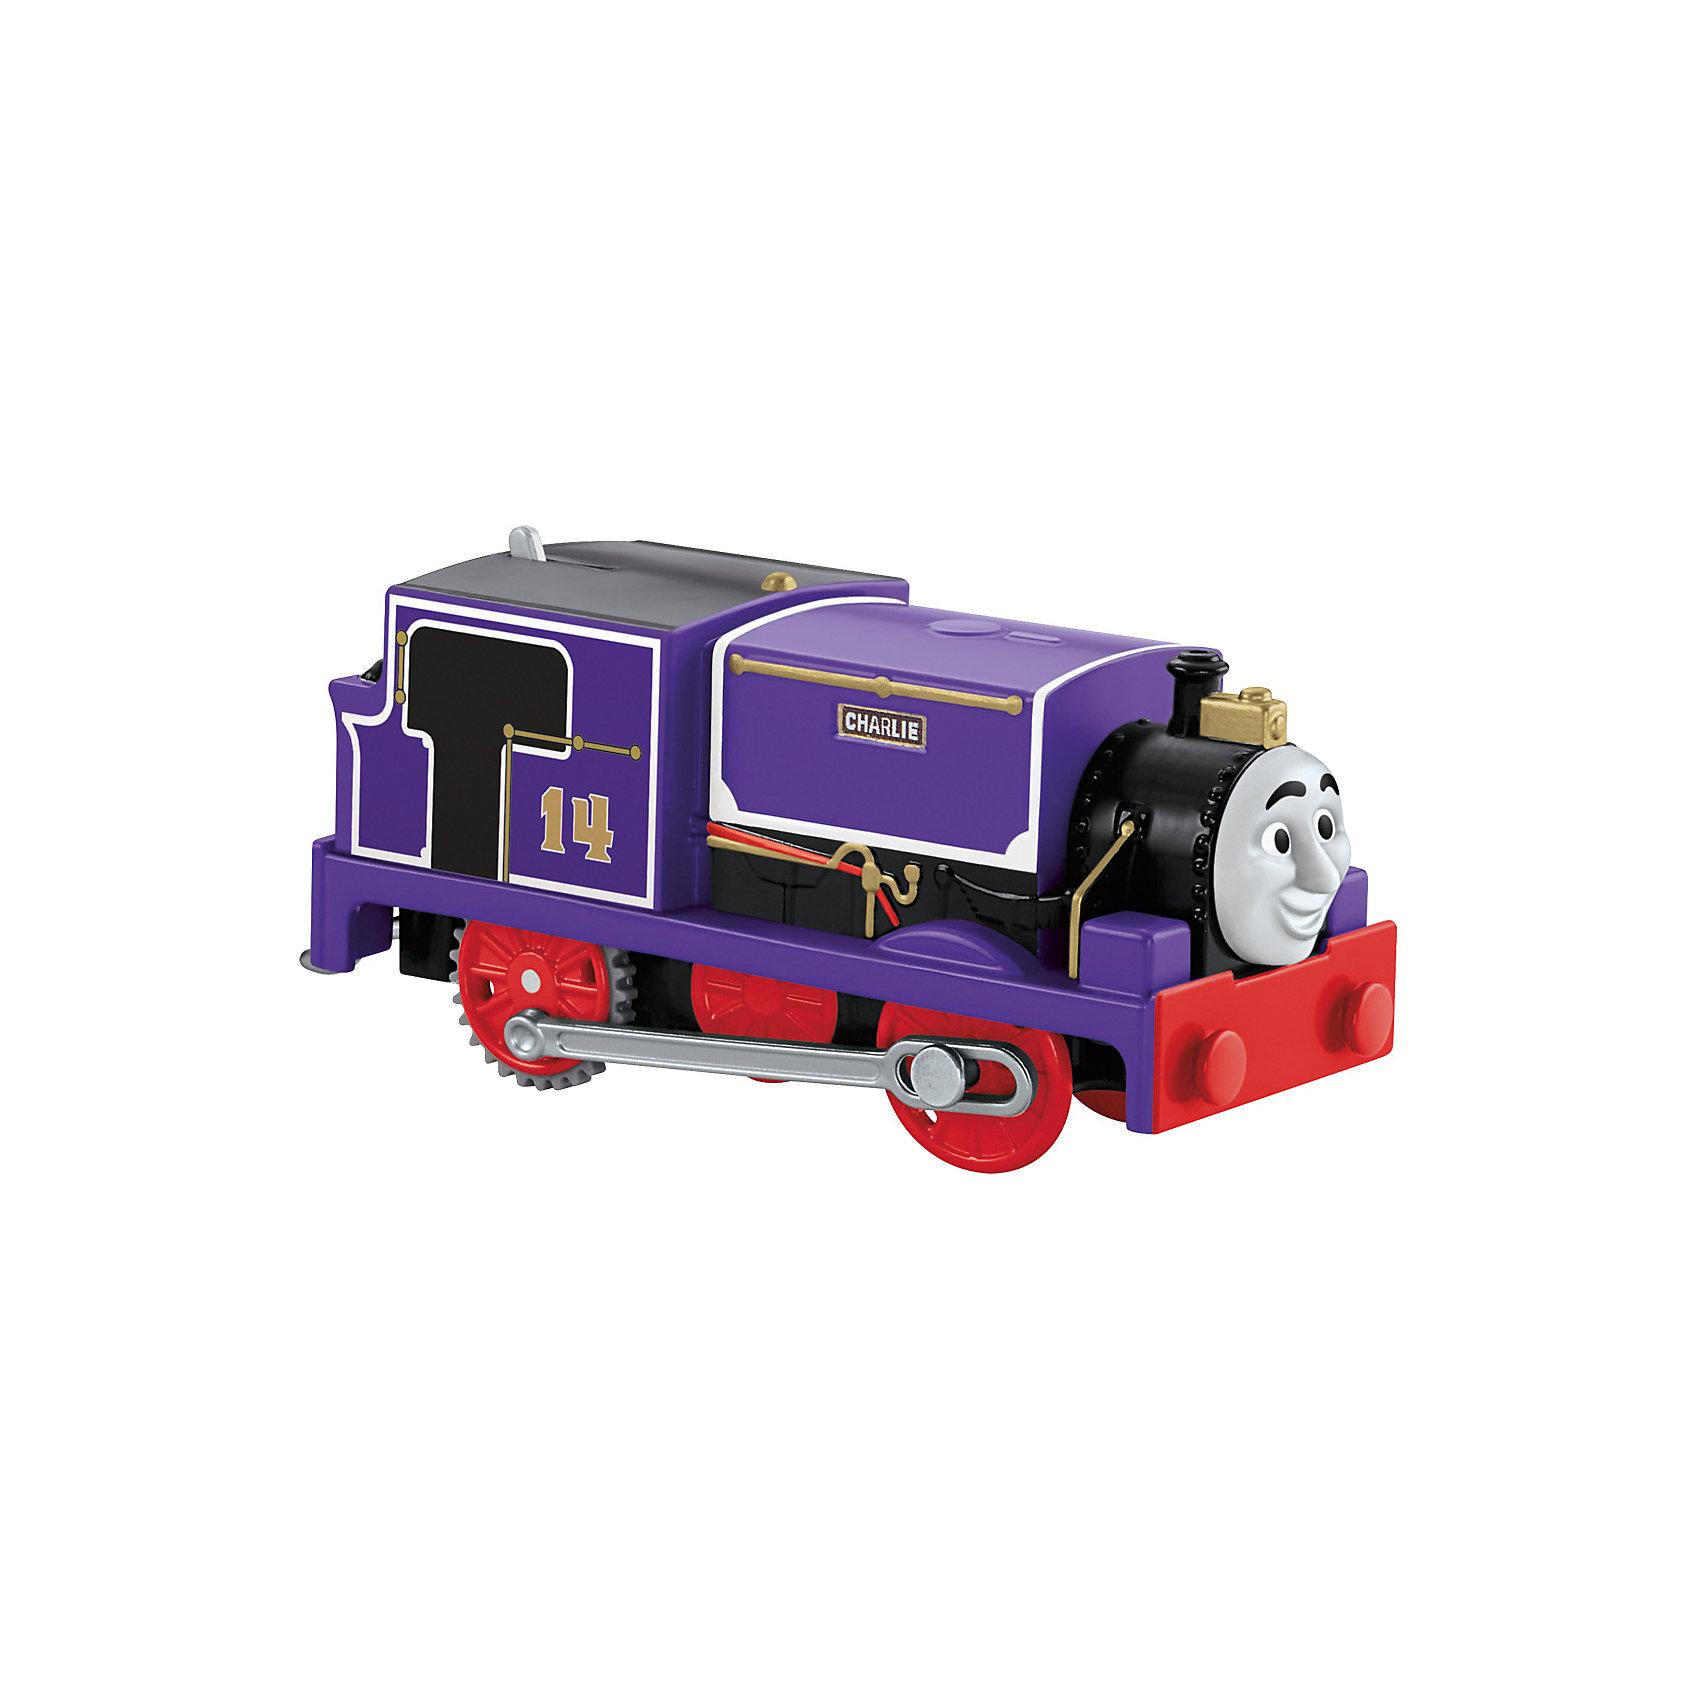 Mattel Моторизированный паровозик, Томас и его друзья mattel раскопки динозавров томас и его друзья